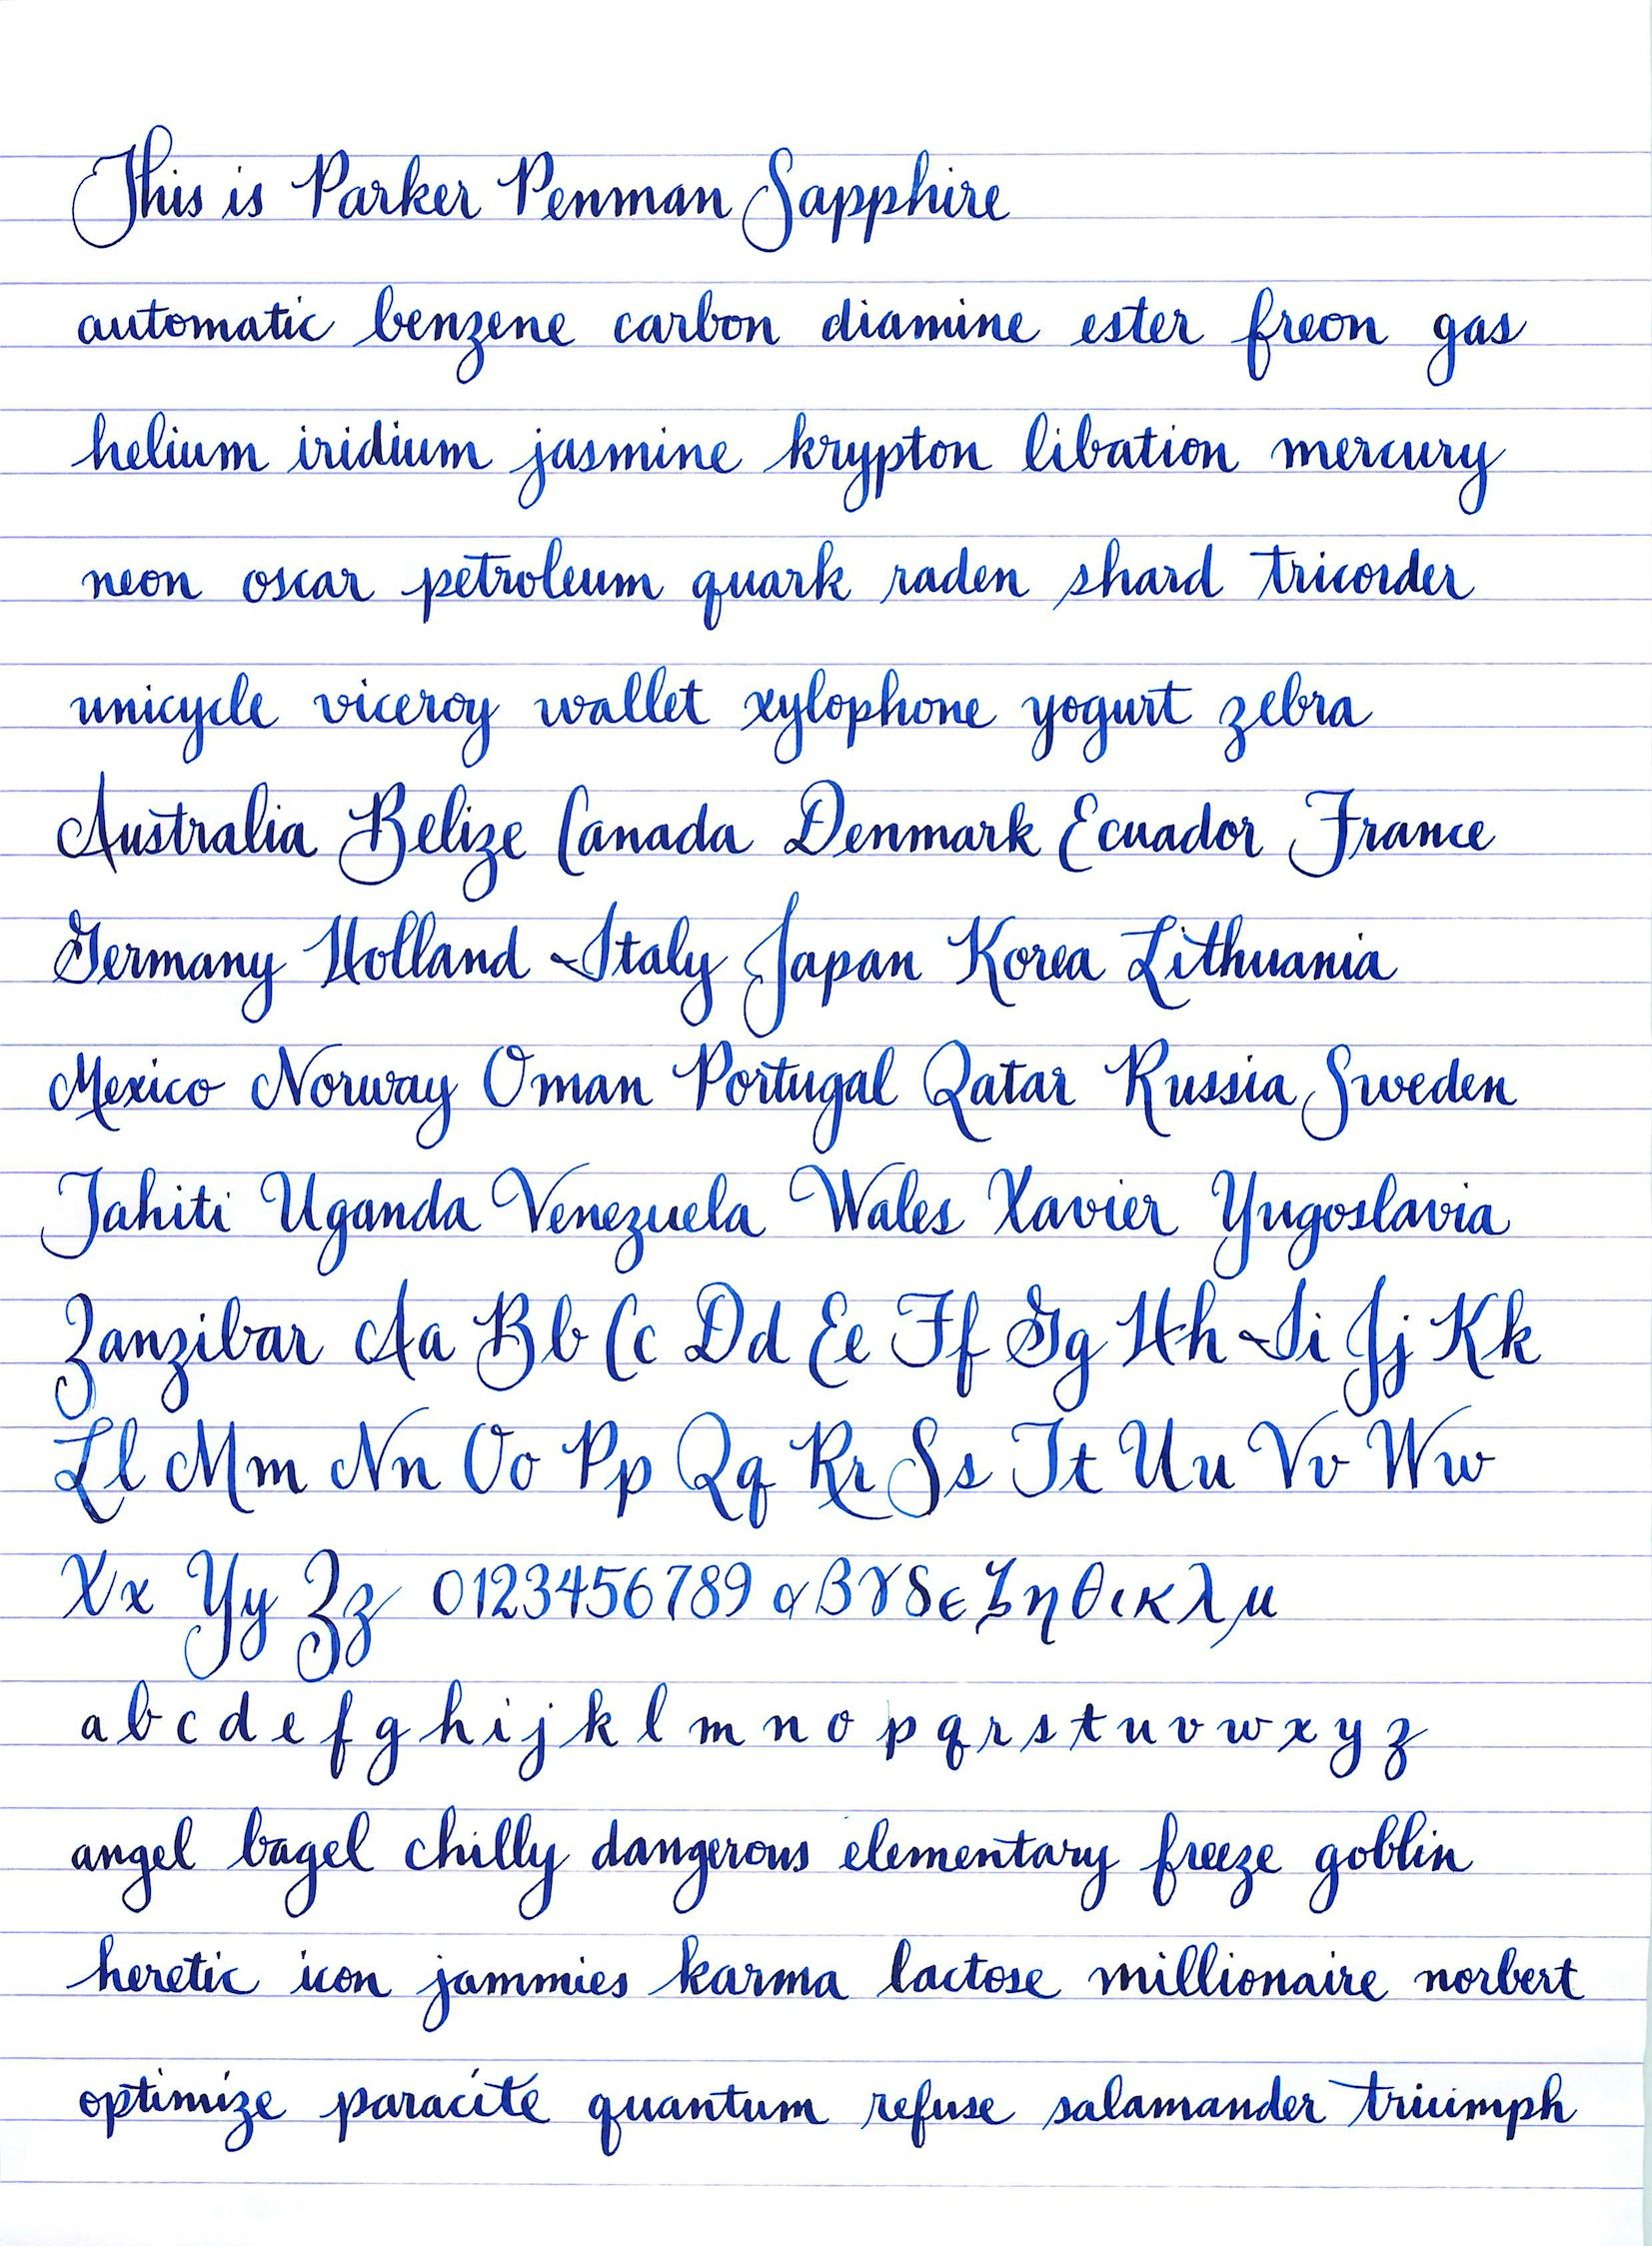 Lovely Penmanship Sample From Fpn Member Jgrasty